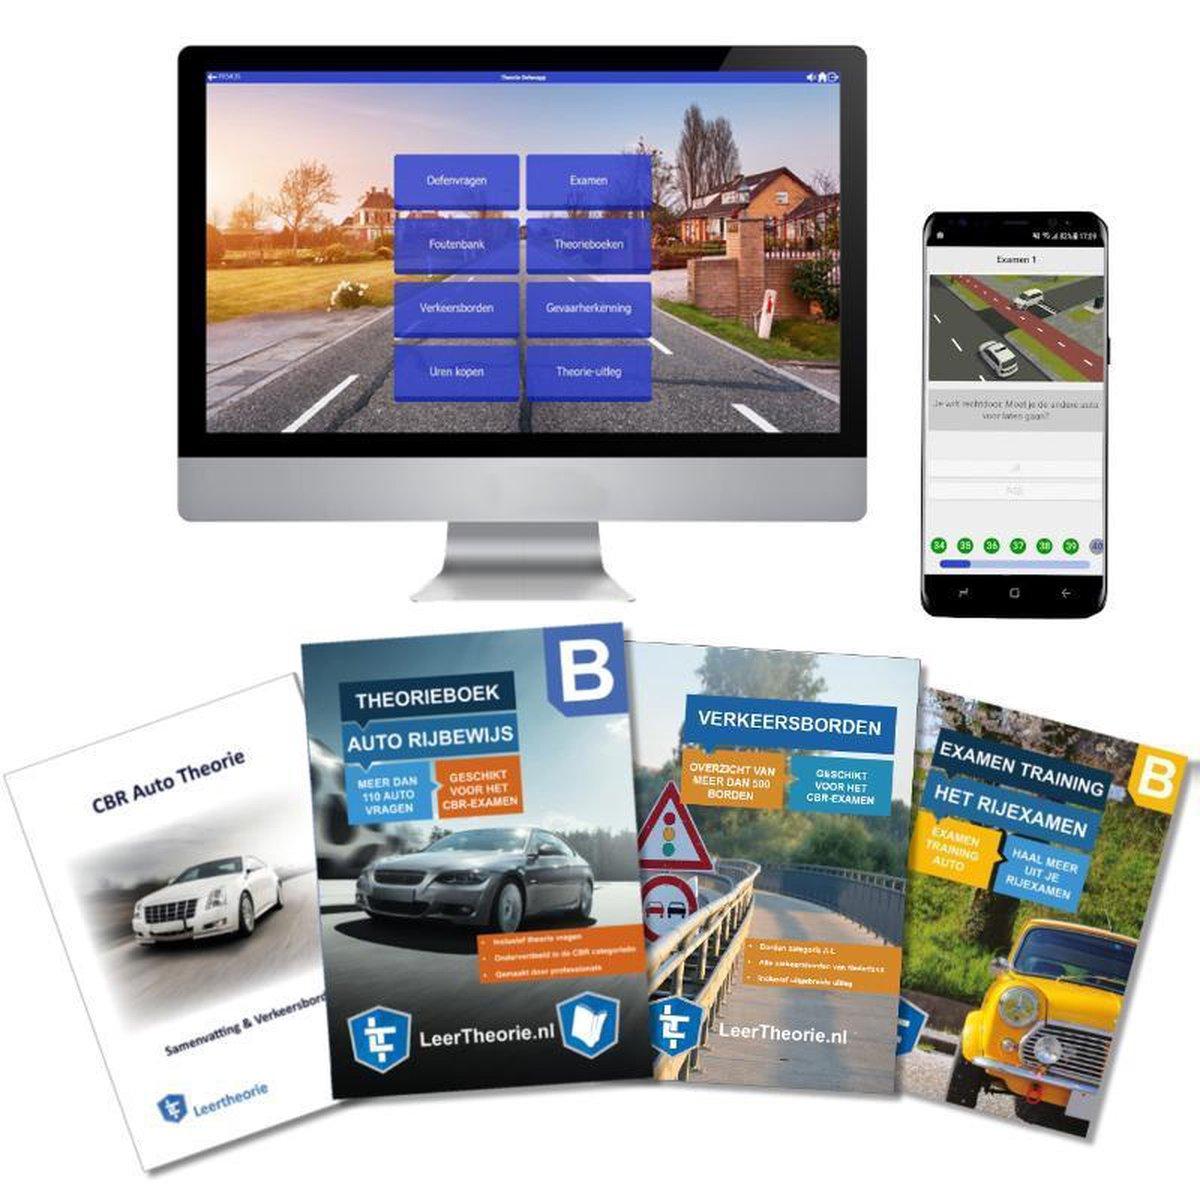 AutoTheorieboek 2021 Rijbewijs B | Auto Theorieboek | Auto Theorie Samenvatting | Verkeerborden over